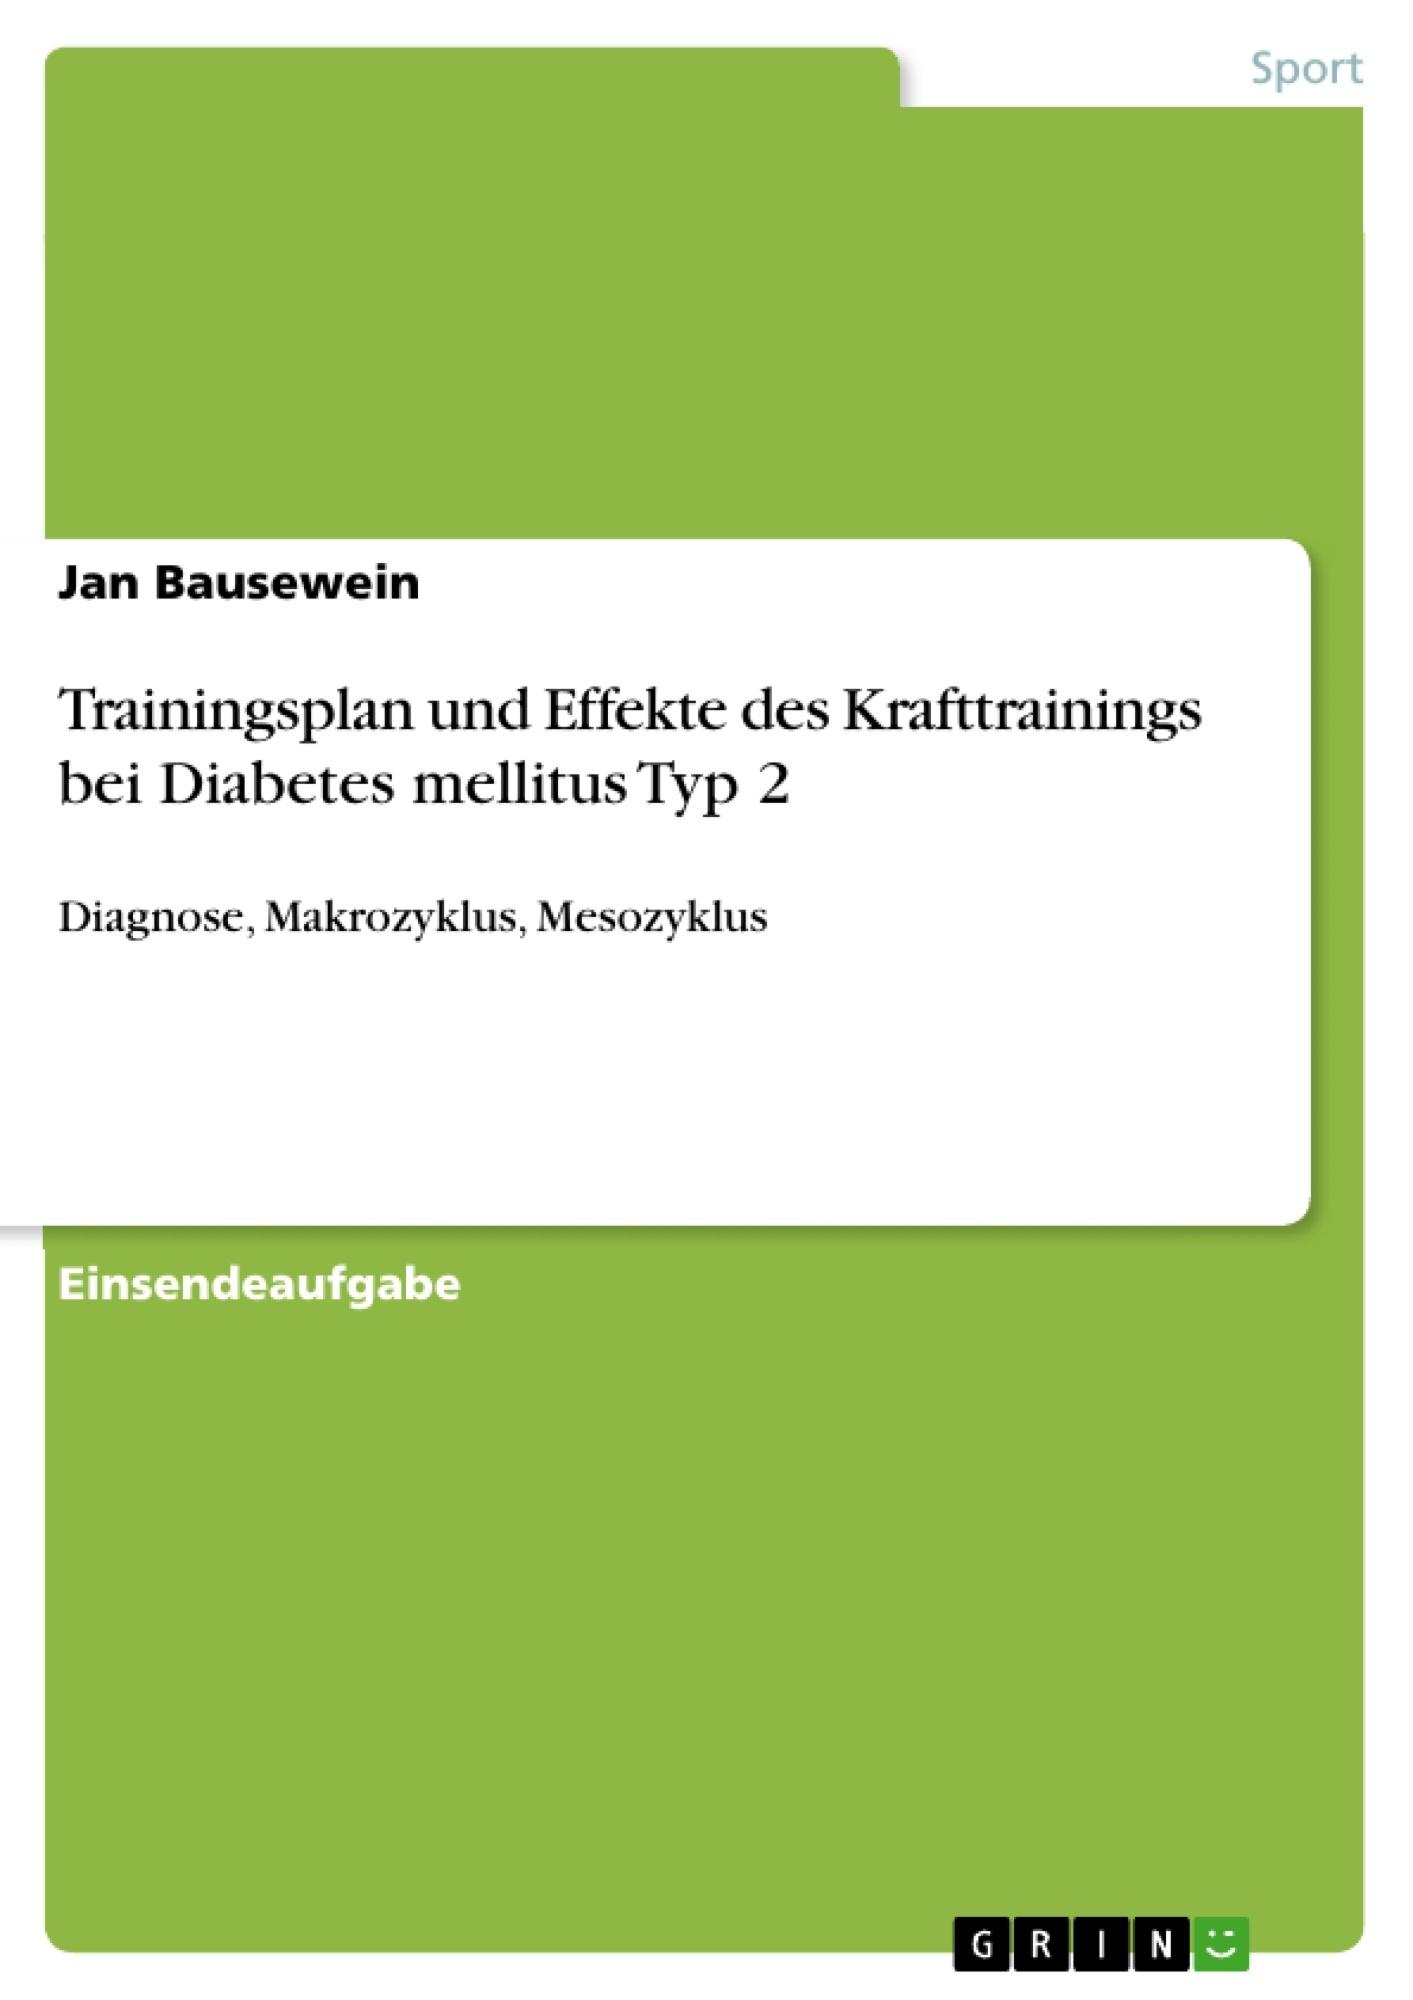 Titel: Trainingsplan und Effekte des Krafttrainings bei Diabetes mellitus Typ 2